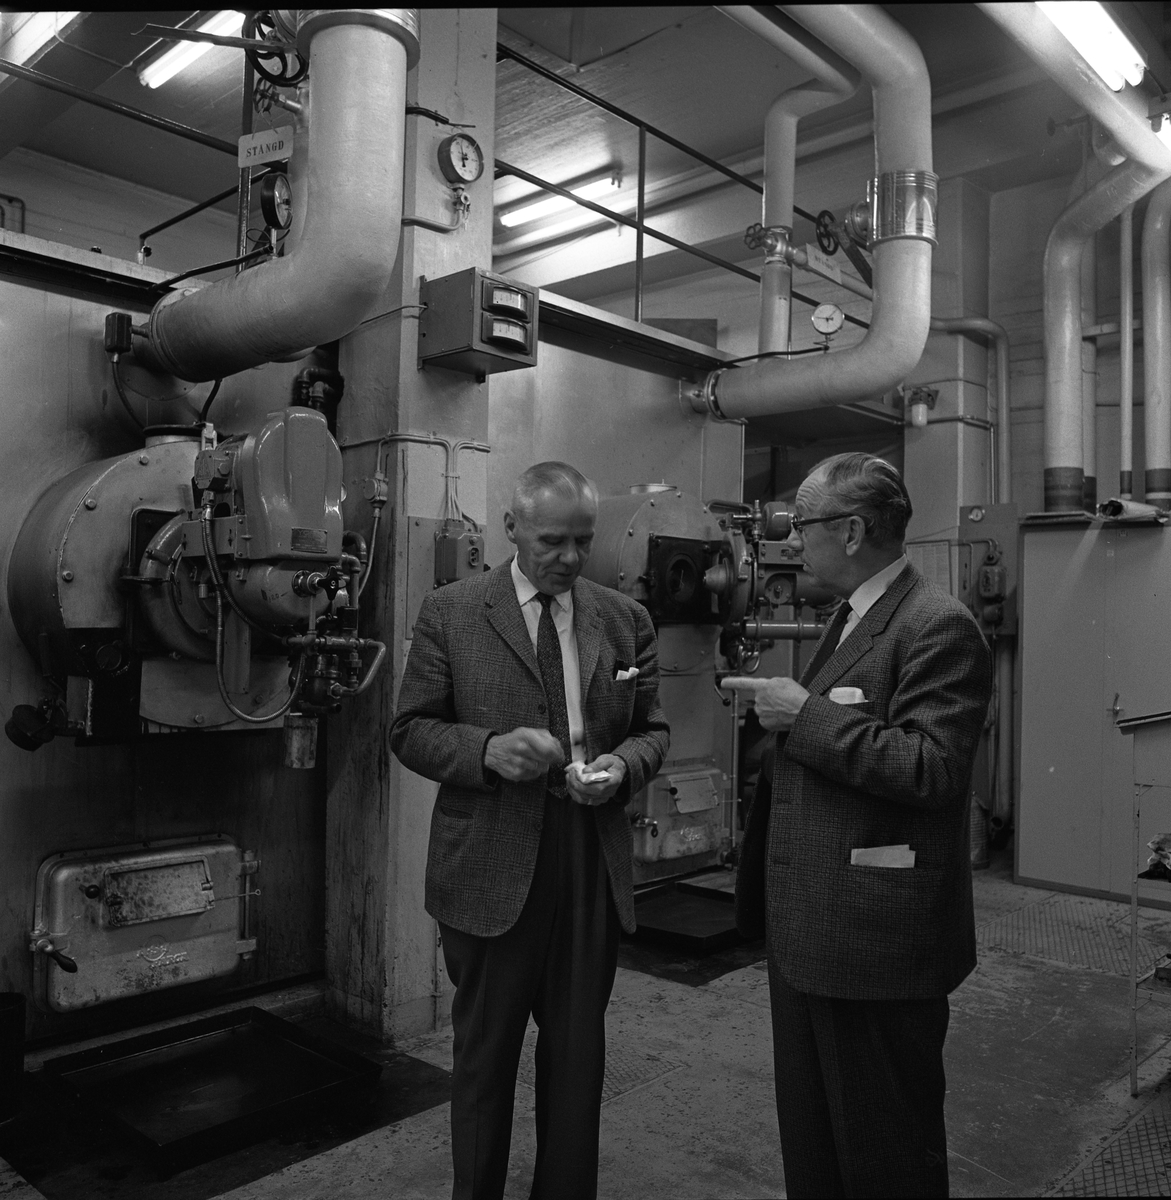 Alf Hedlund, maskinmästare på Centrala Verkstaden Arboga (till vänster). Den andre mannen är okänd. De är båda klädda i kostrym och befinner sig i verkstadsmiljö.